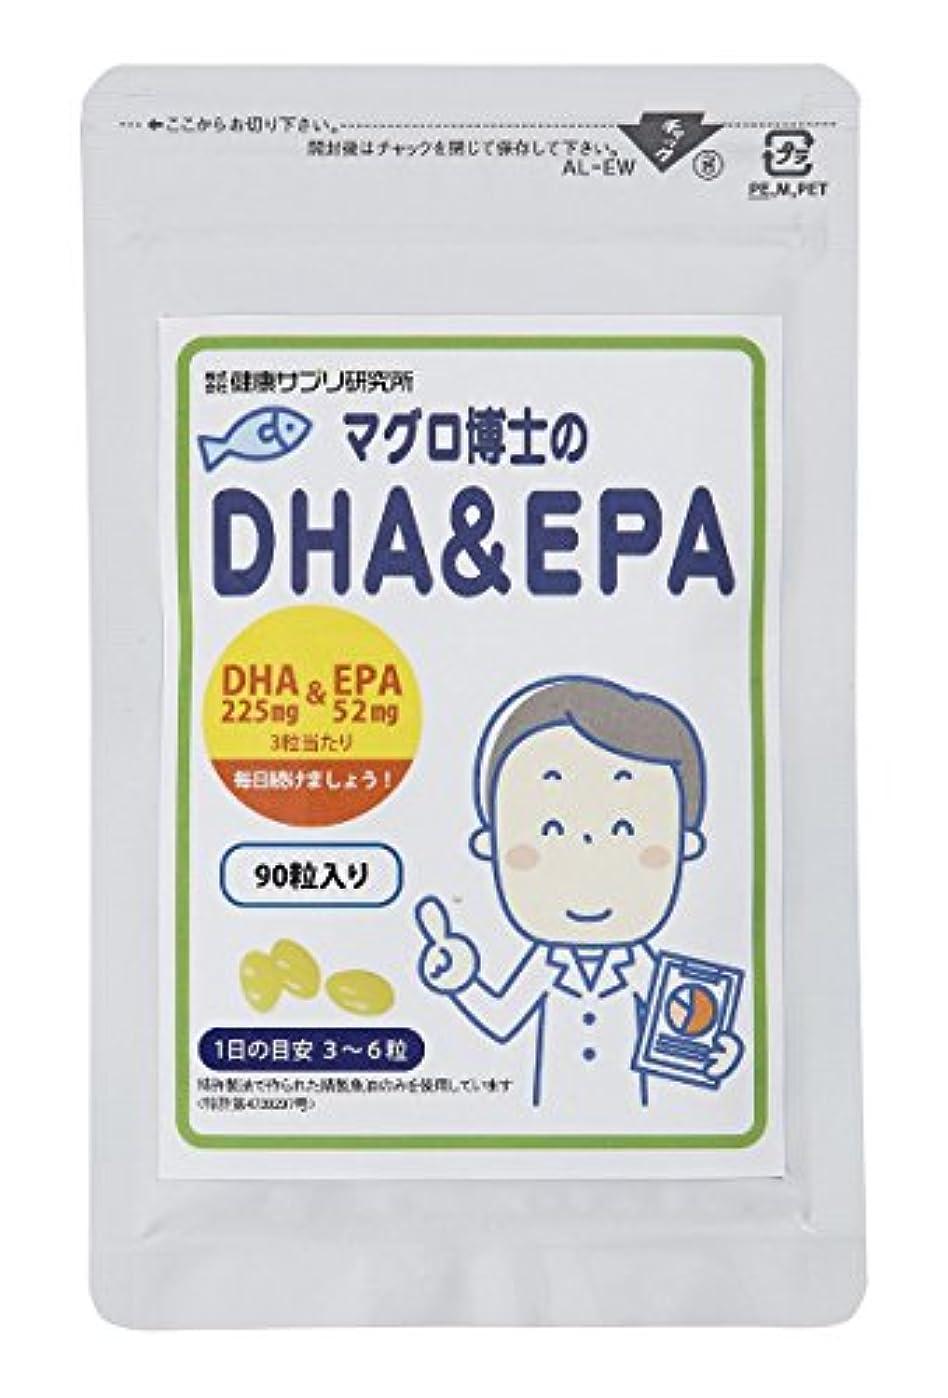 一緒高さ引く健康サプリ研究所 マグロ博士のDHA&EPA 90粒【 DHA EPA】3粒でお刺身約2~2人前のDHA?EPAを摂取